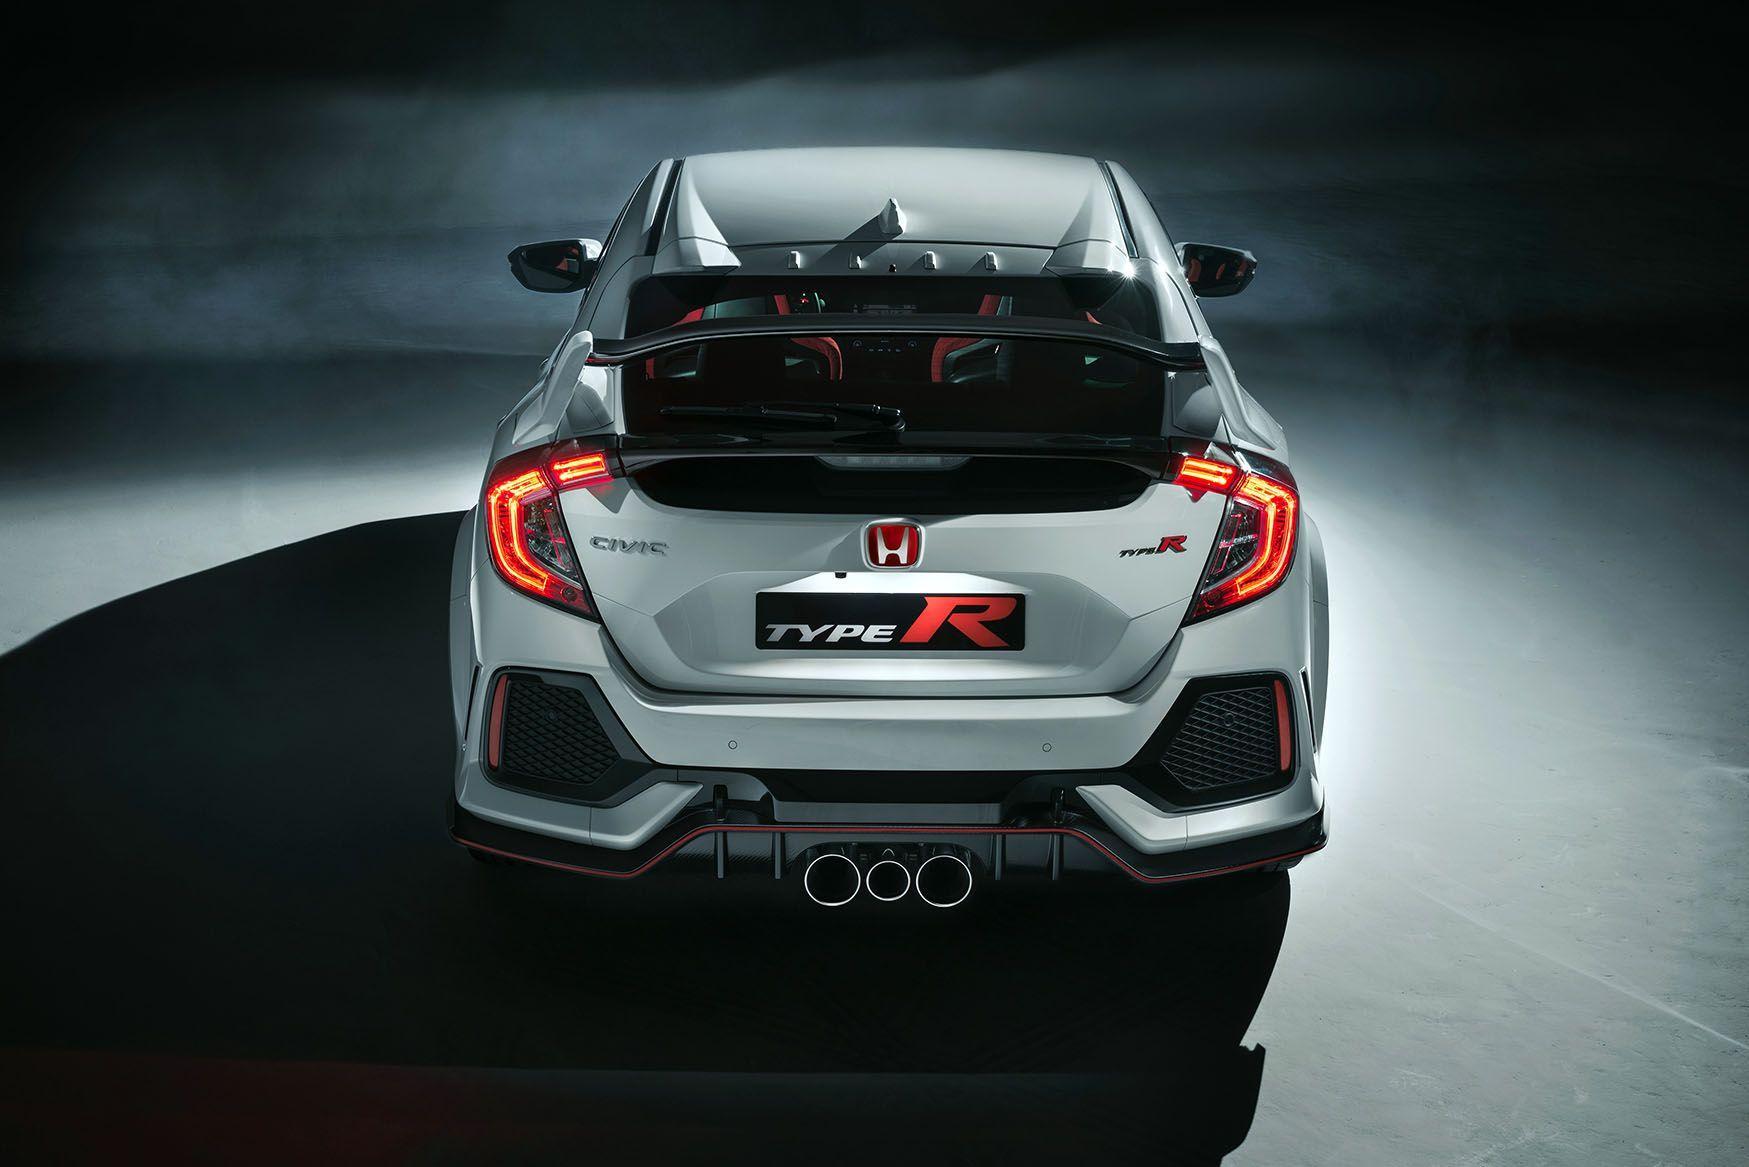 Honda Civic Type R Wallpapers Wallpaper Cave